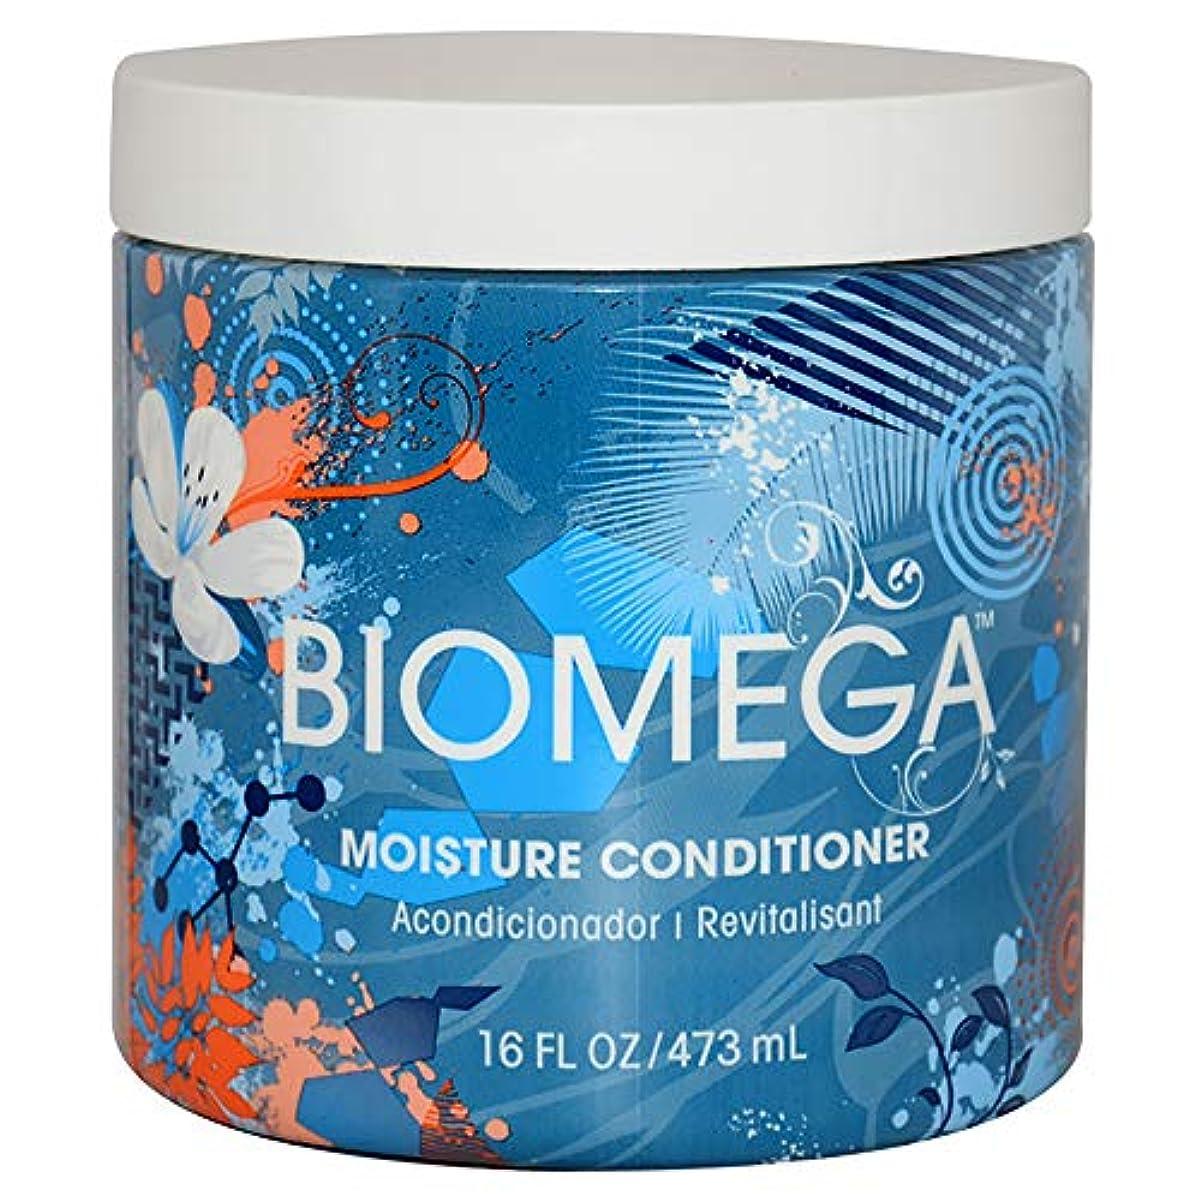 鮮やかな卵今日Biomega モイスチャーコンディショナー (16oz) [並行輸入品]